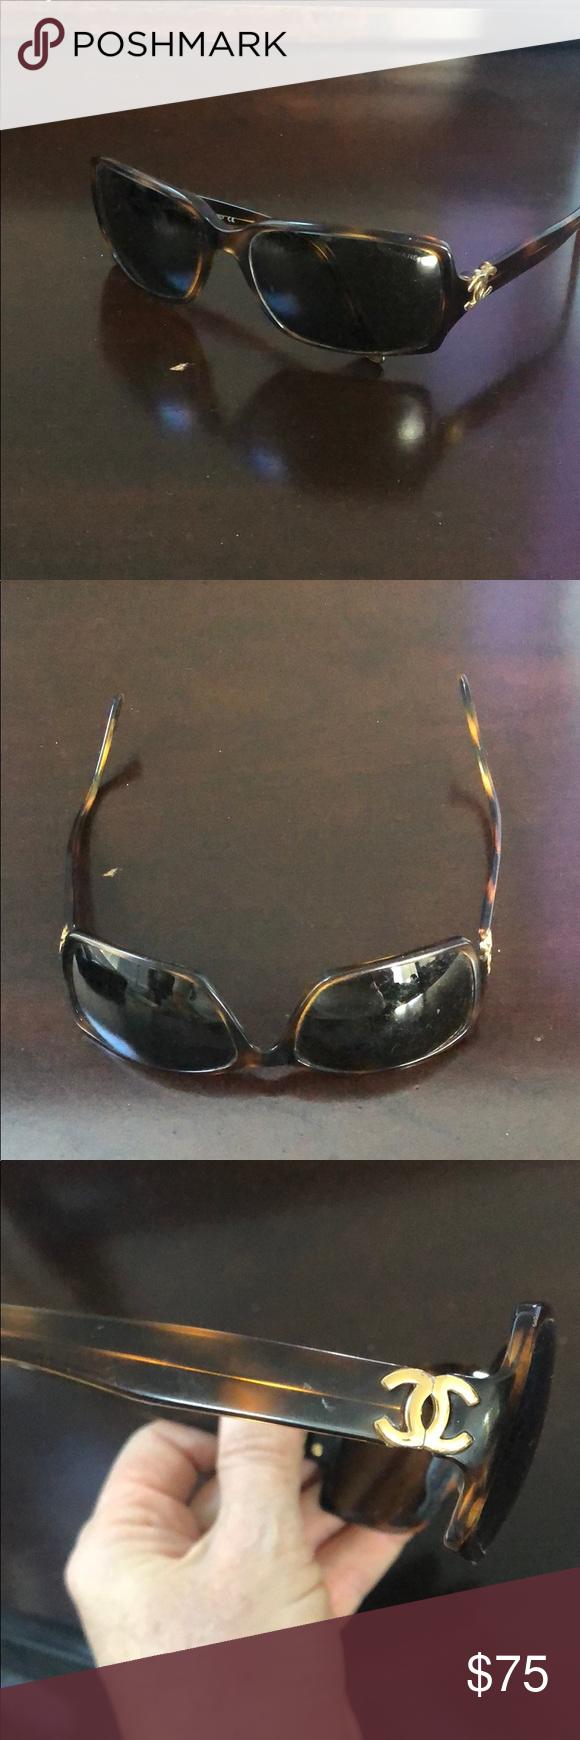 ad8423227eb7 Chanel sunglasses Authentic brown sunglasses